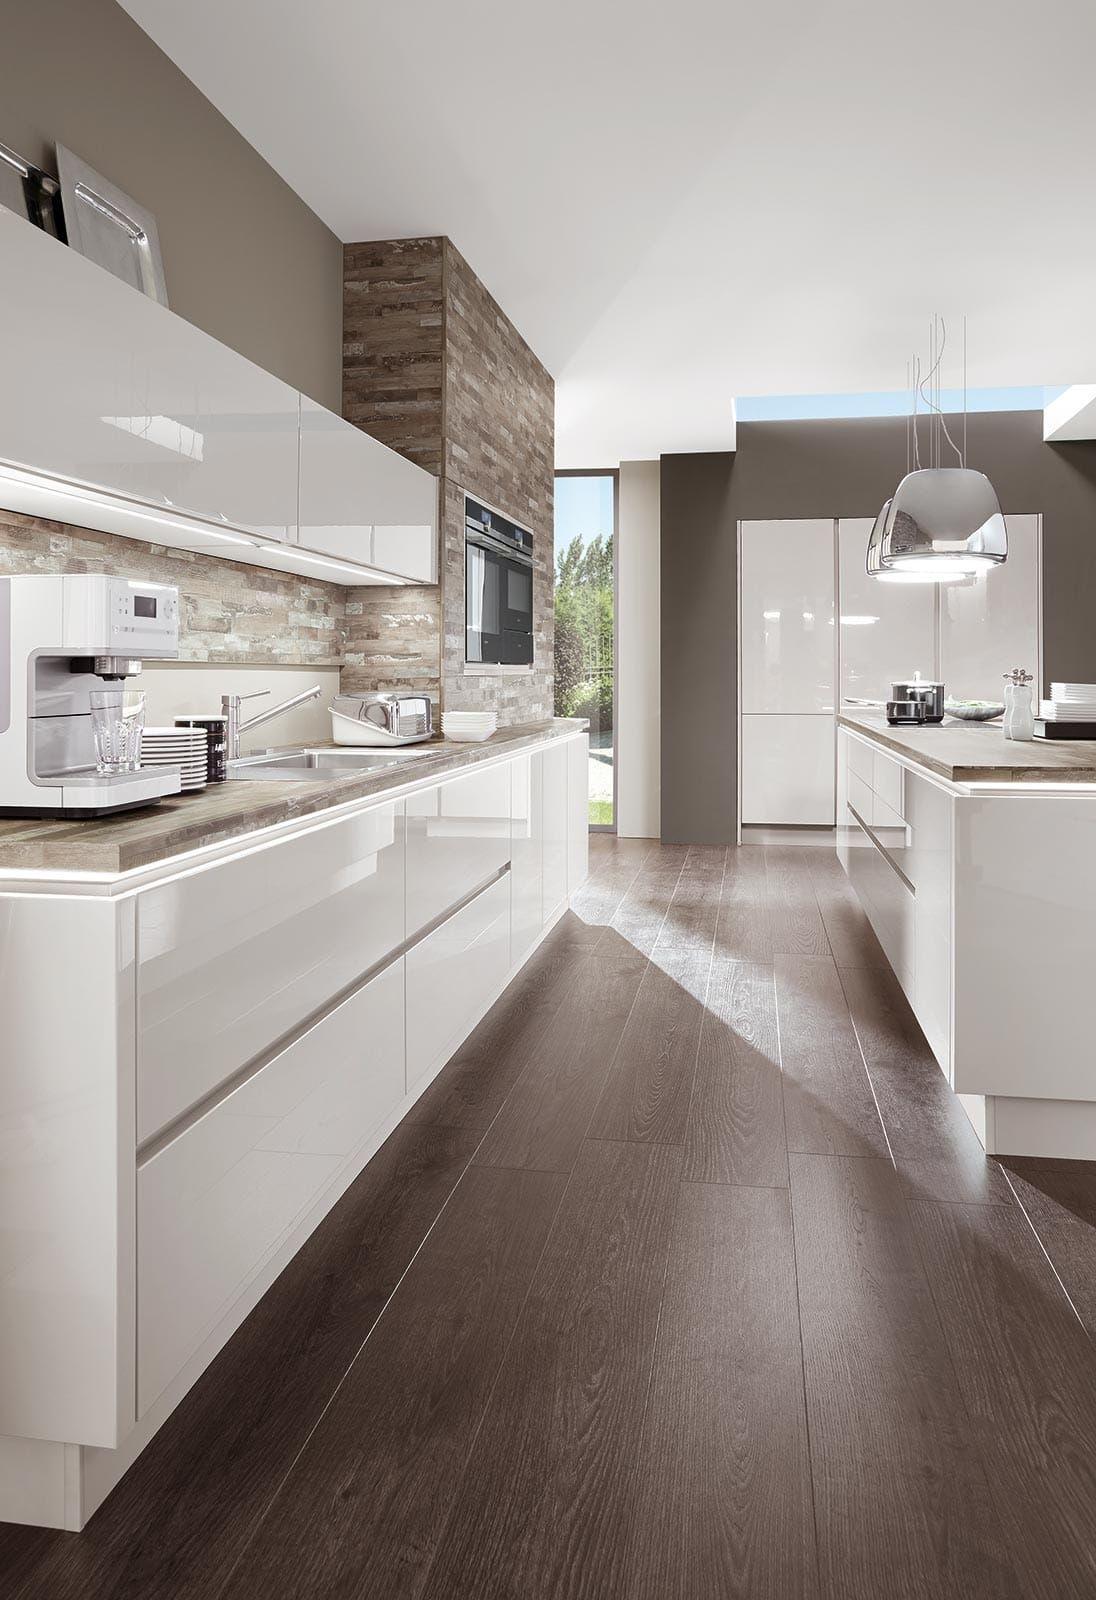 Full Size of Kchenzeile Kche Hochglanz Wei Norina 9555 Küchen Regal Wohnzimmer Küchen Quelle